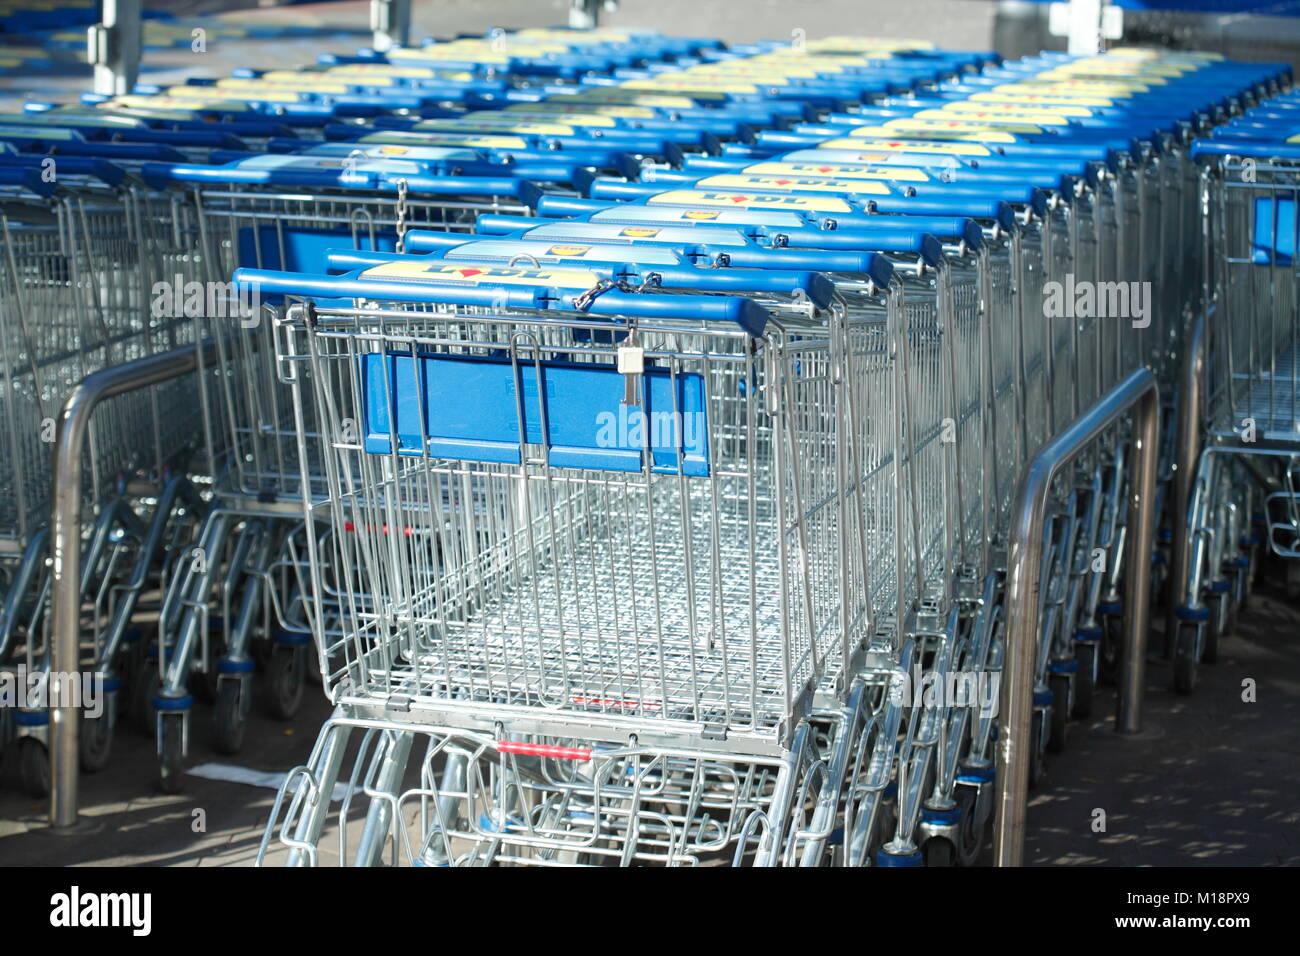 Reihe von Shopping Carts vor Einkaufszentrum, Deutschland, Europa ich Einkaufswagen in einer Reihe vor einem Einkaufszentrum, Stockbild